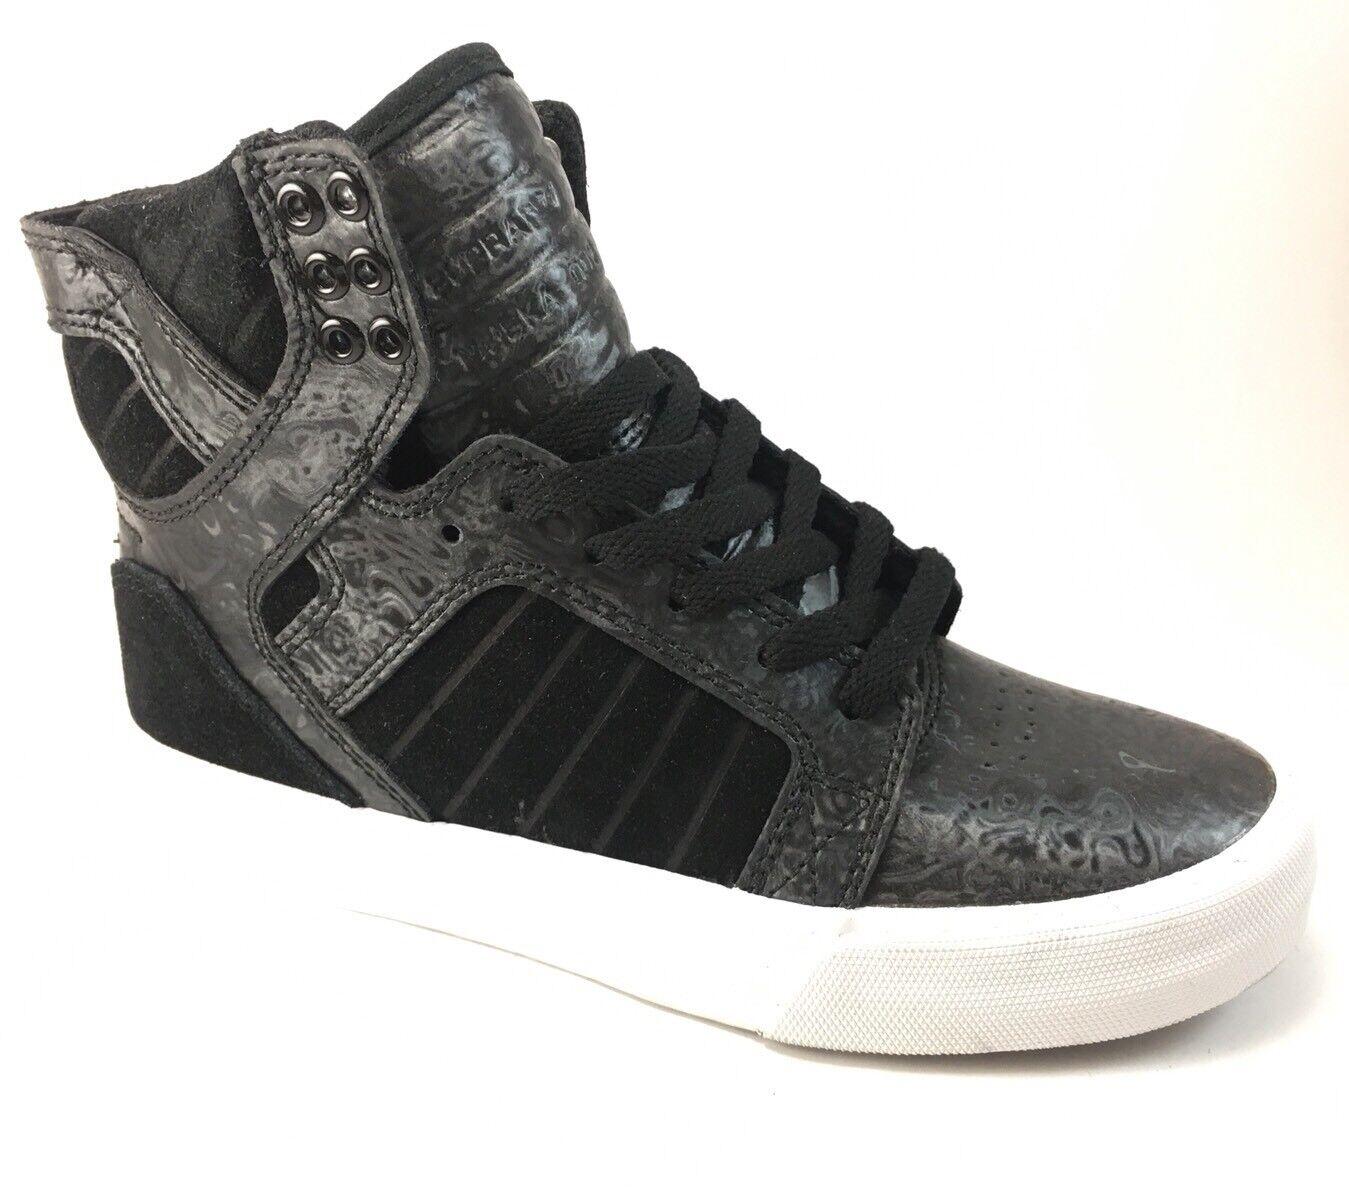 Supra Skytop nero Oil Slick High scarpe da  ginnastica scarpe donna 65533;s Dimensione 5.5 B  nuovo di marca